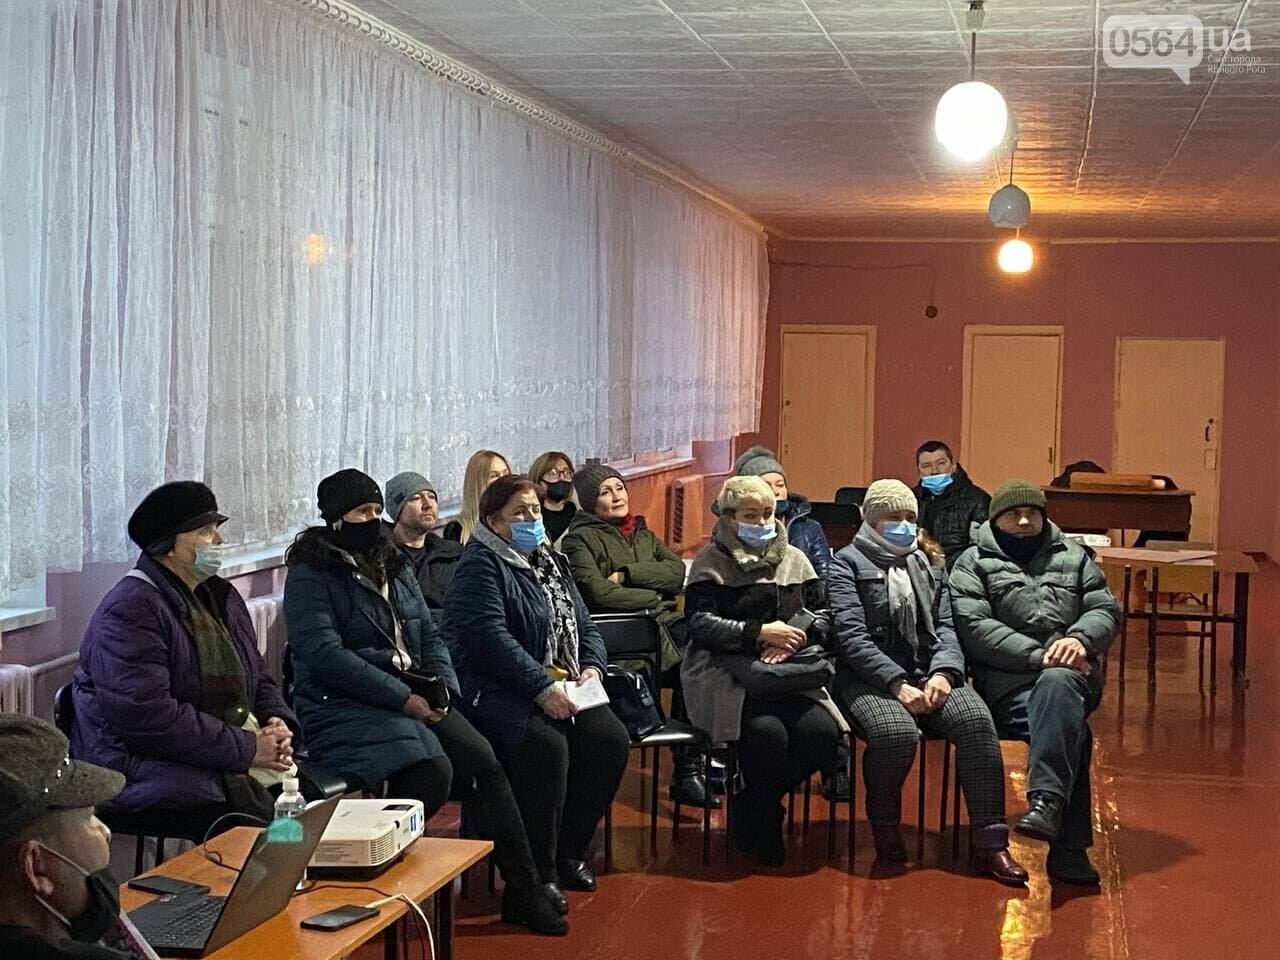 В Кривом Роге начались слушания по вопросу реализации проекта развития 4-го Заречного, - ФОТО, ВИДЕО, фото-3